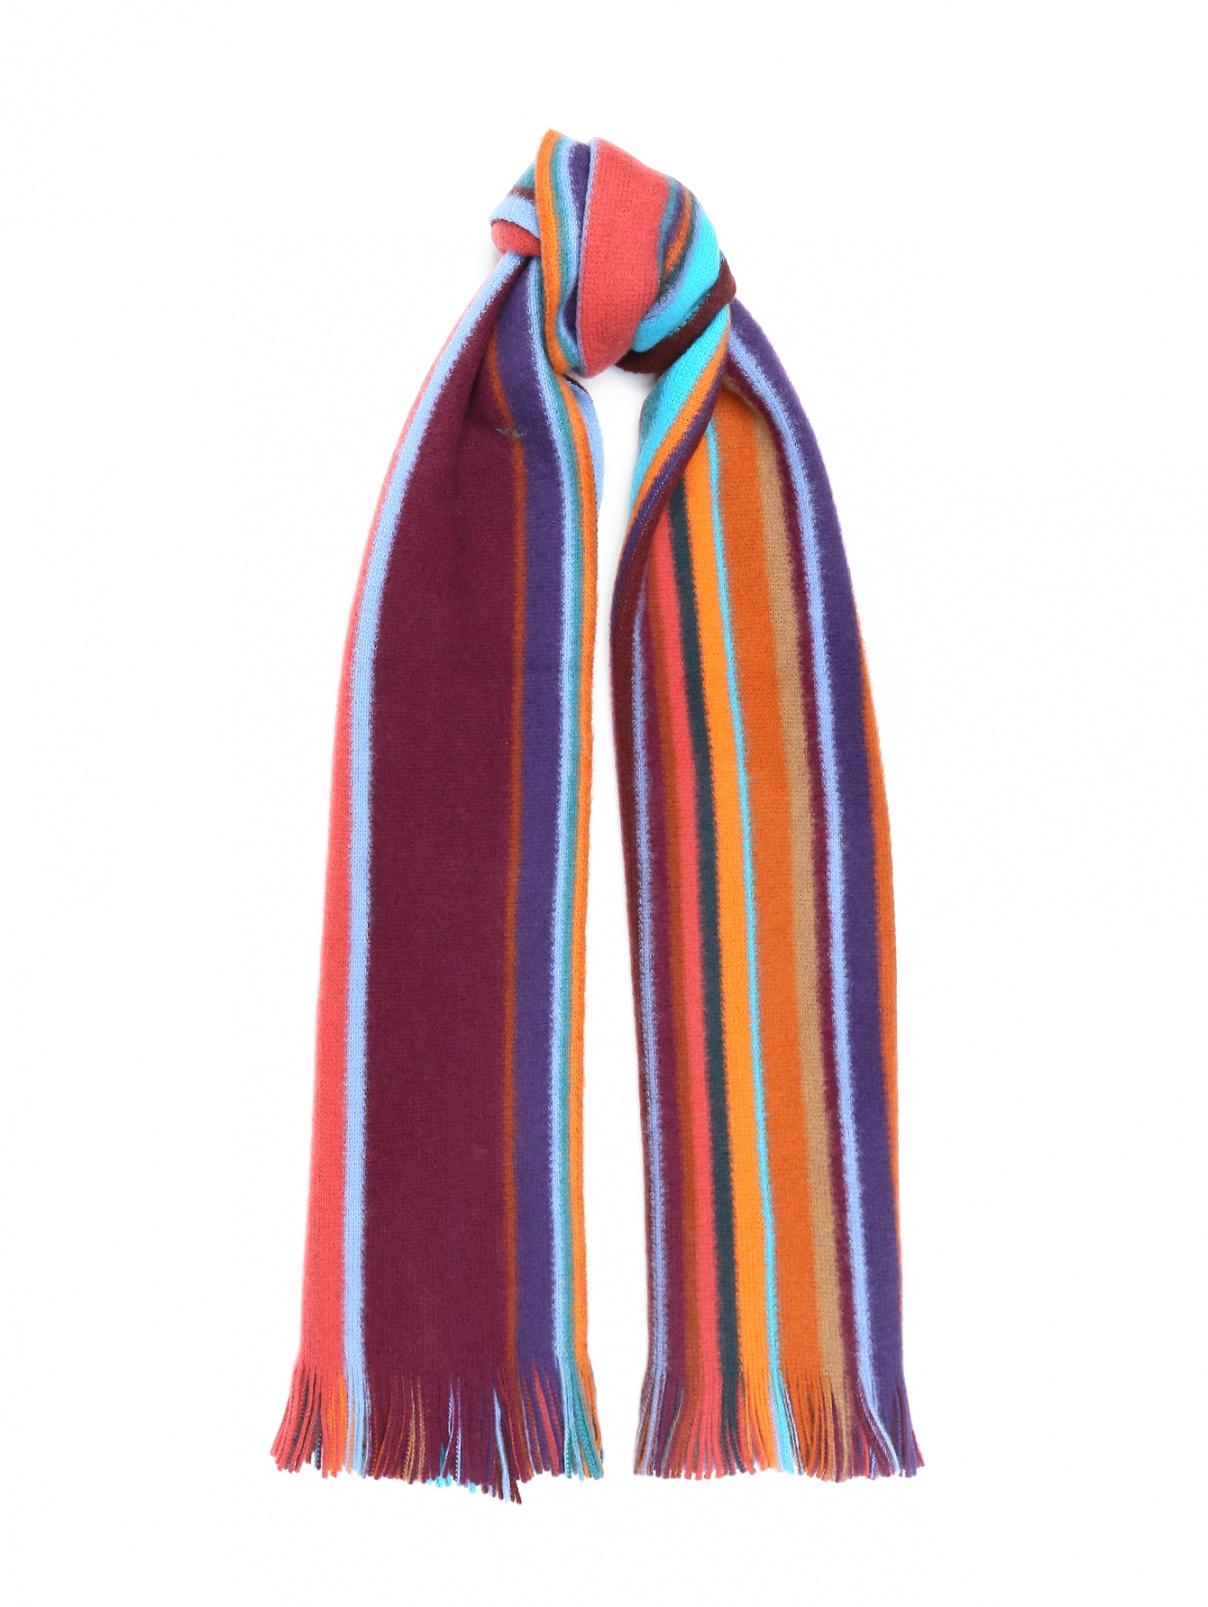 Шарф из шерсти с узором полоска и бахромой Paul Smith  –  Общий вид